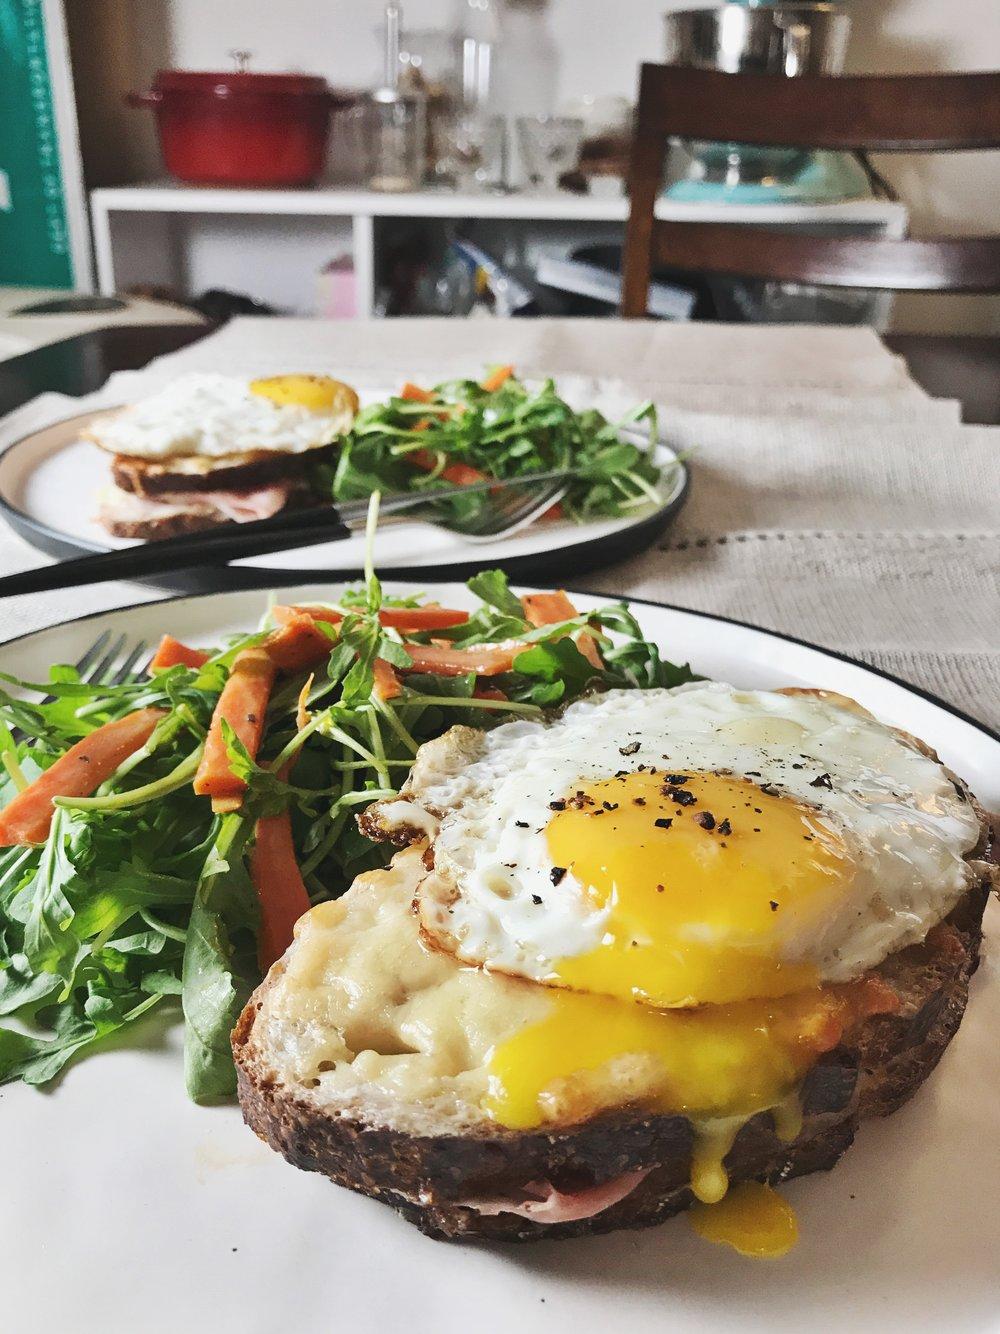 croque-madame-bechamel-gruyere-sandwich-french